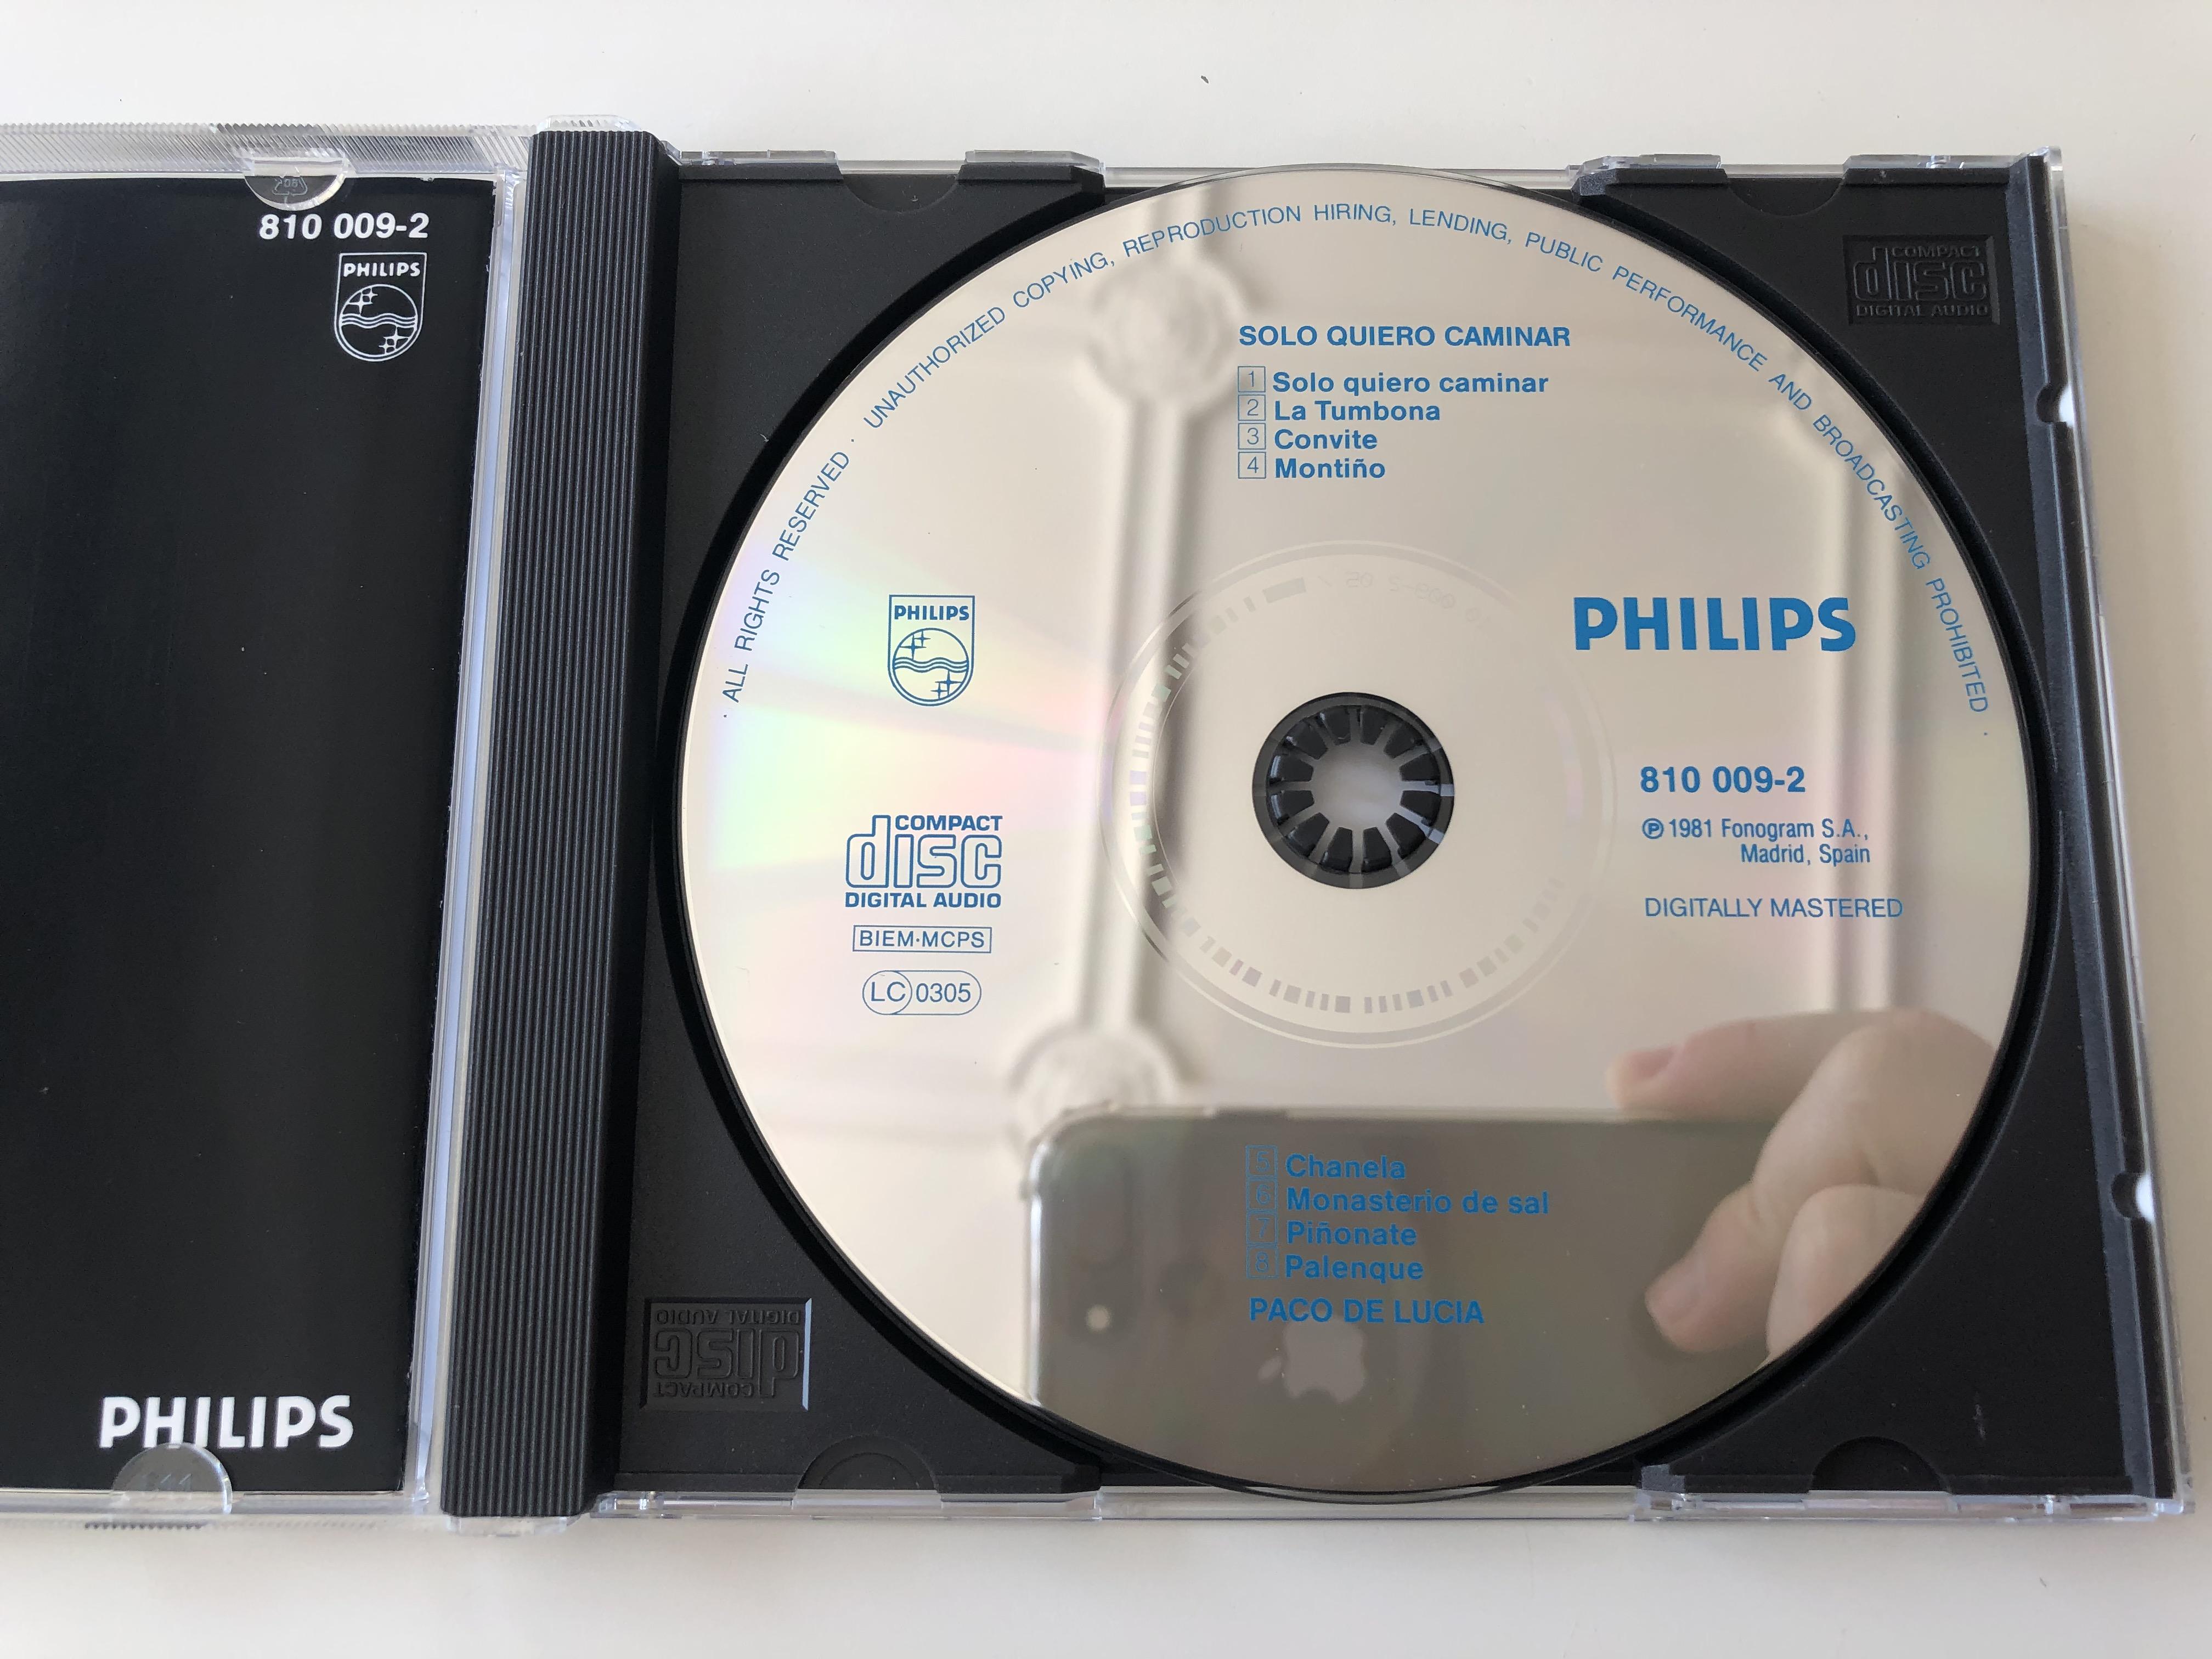 solo-quiero-caminar-paco-de-lucia-philips-audio-cd-1981-810-009-2-3-.jpg